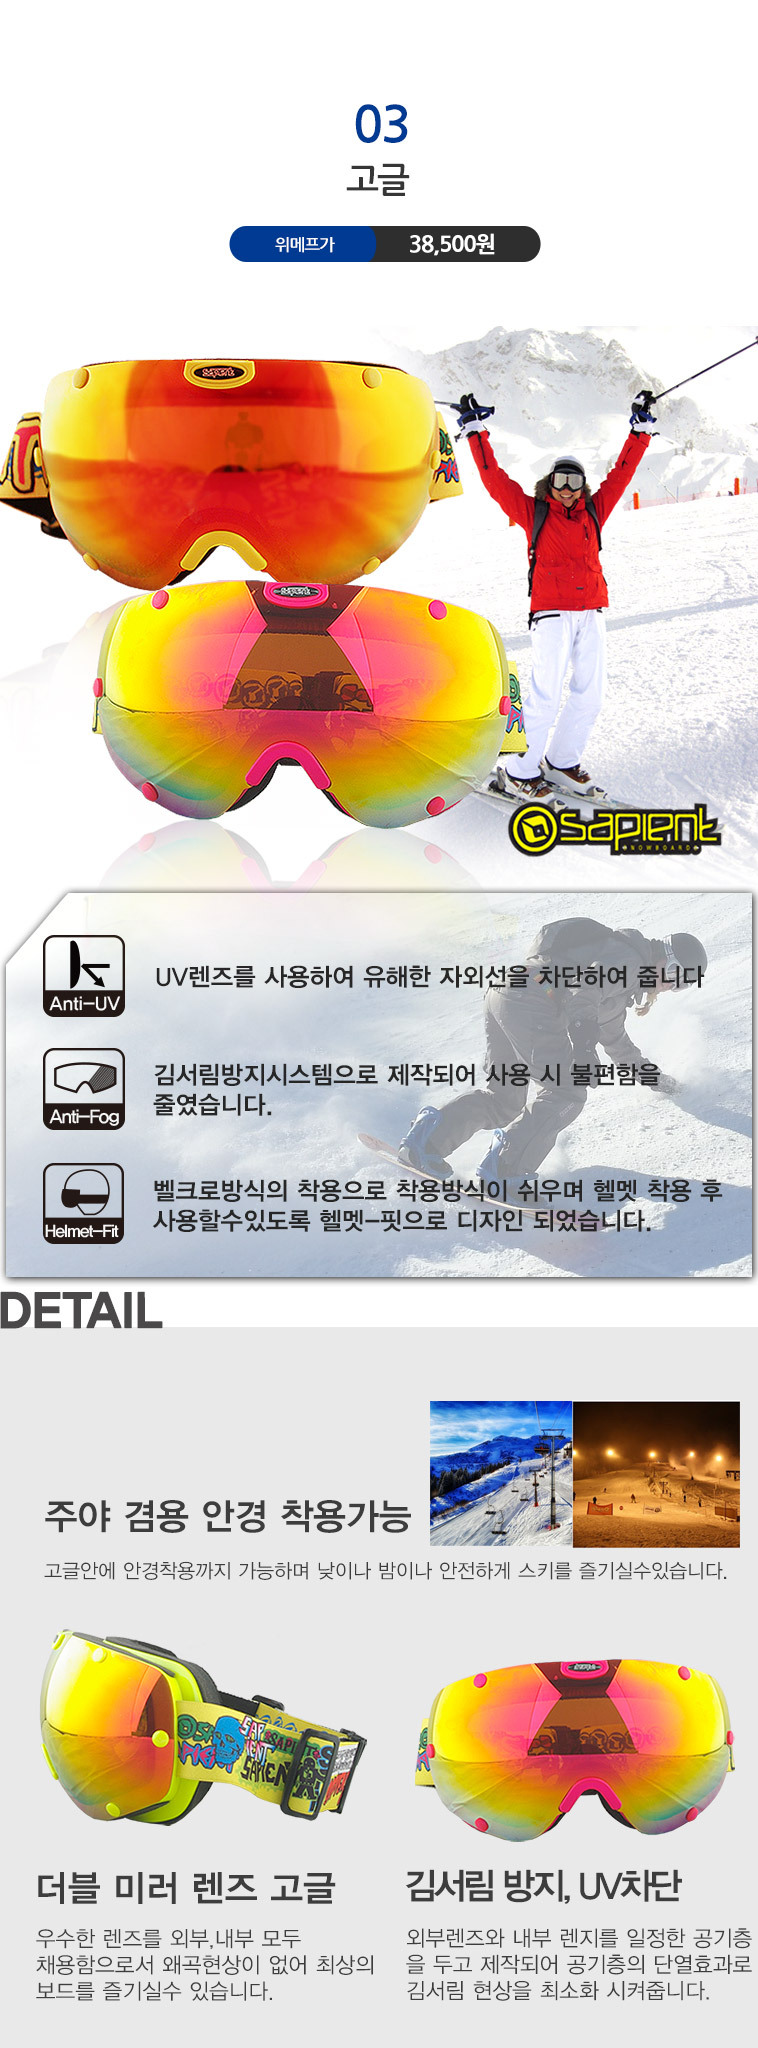 [무료배송] 슈마허 보드헬멧 초특가! - 상세정보